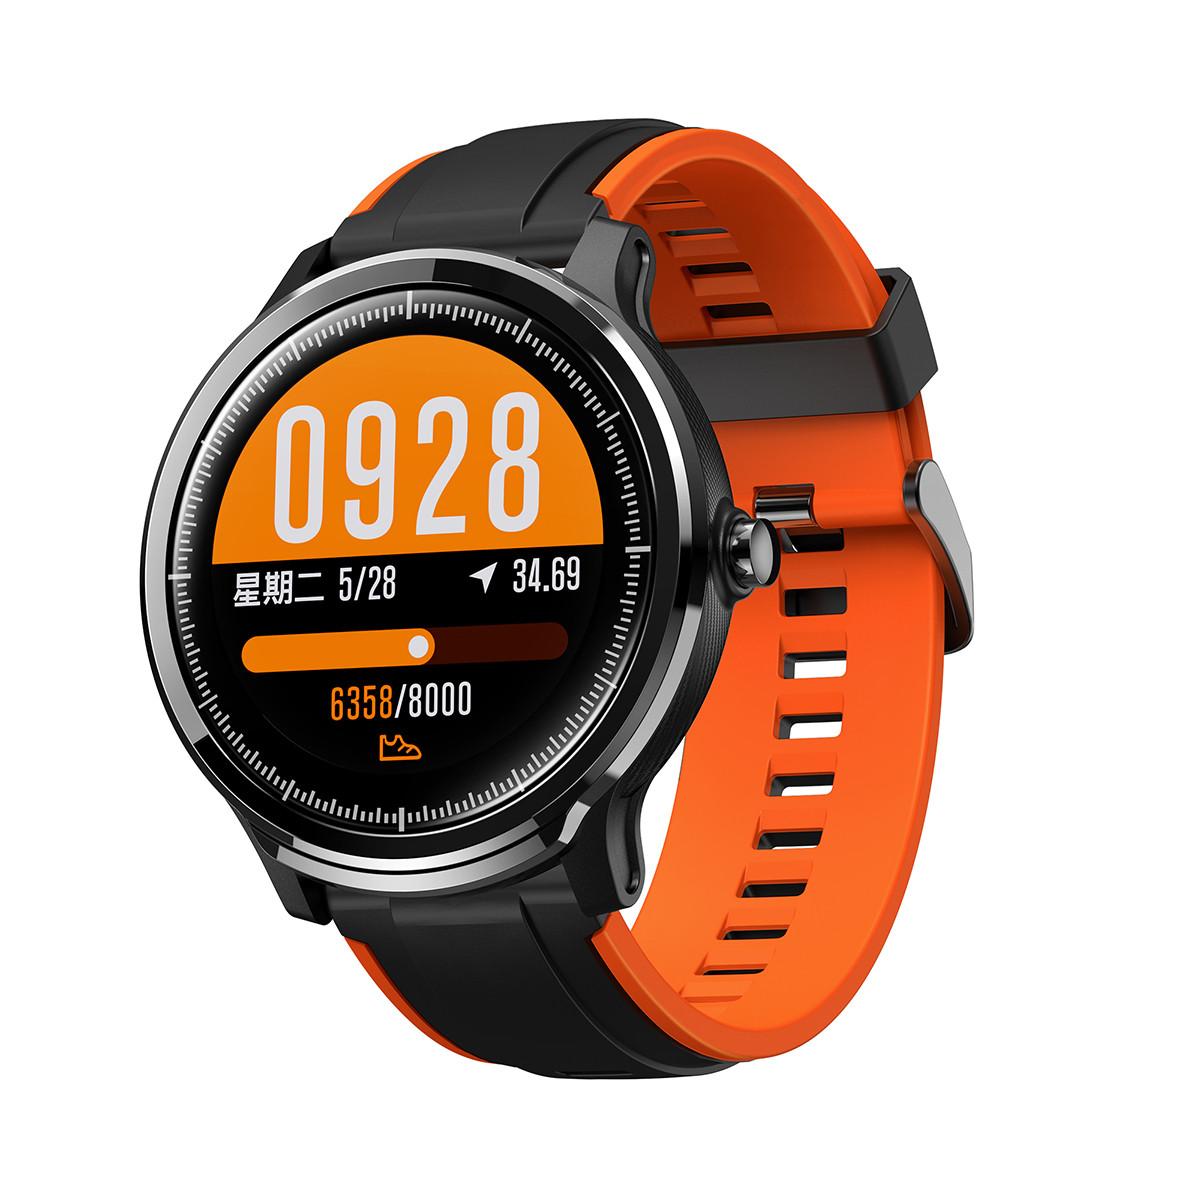 碳纤维大表盘全触屏监测心率血压蓝牙智能手表运动手环